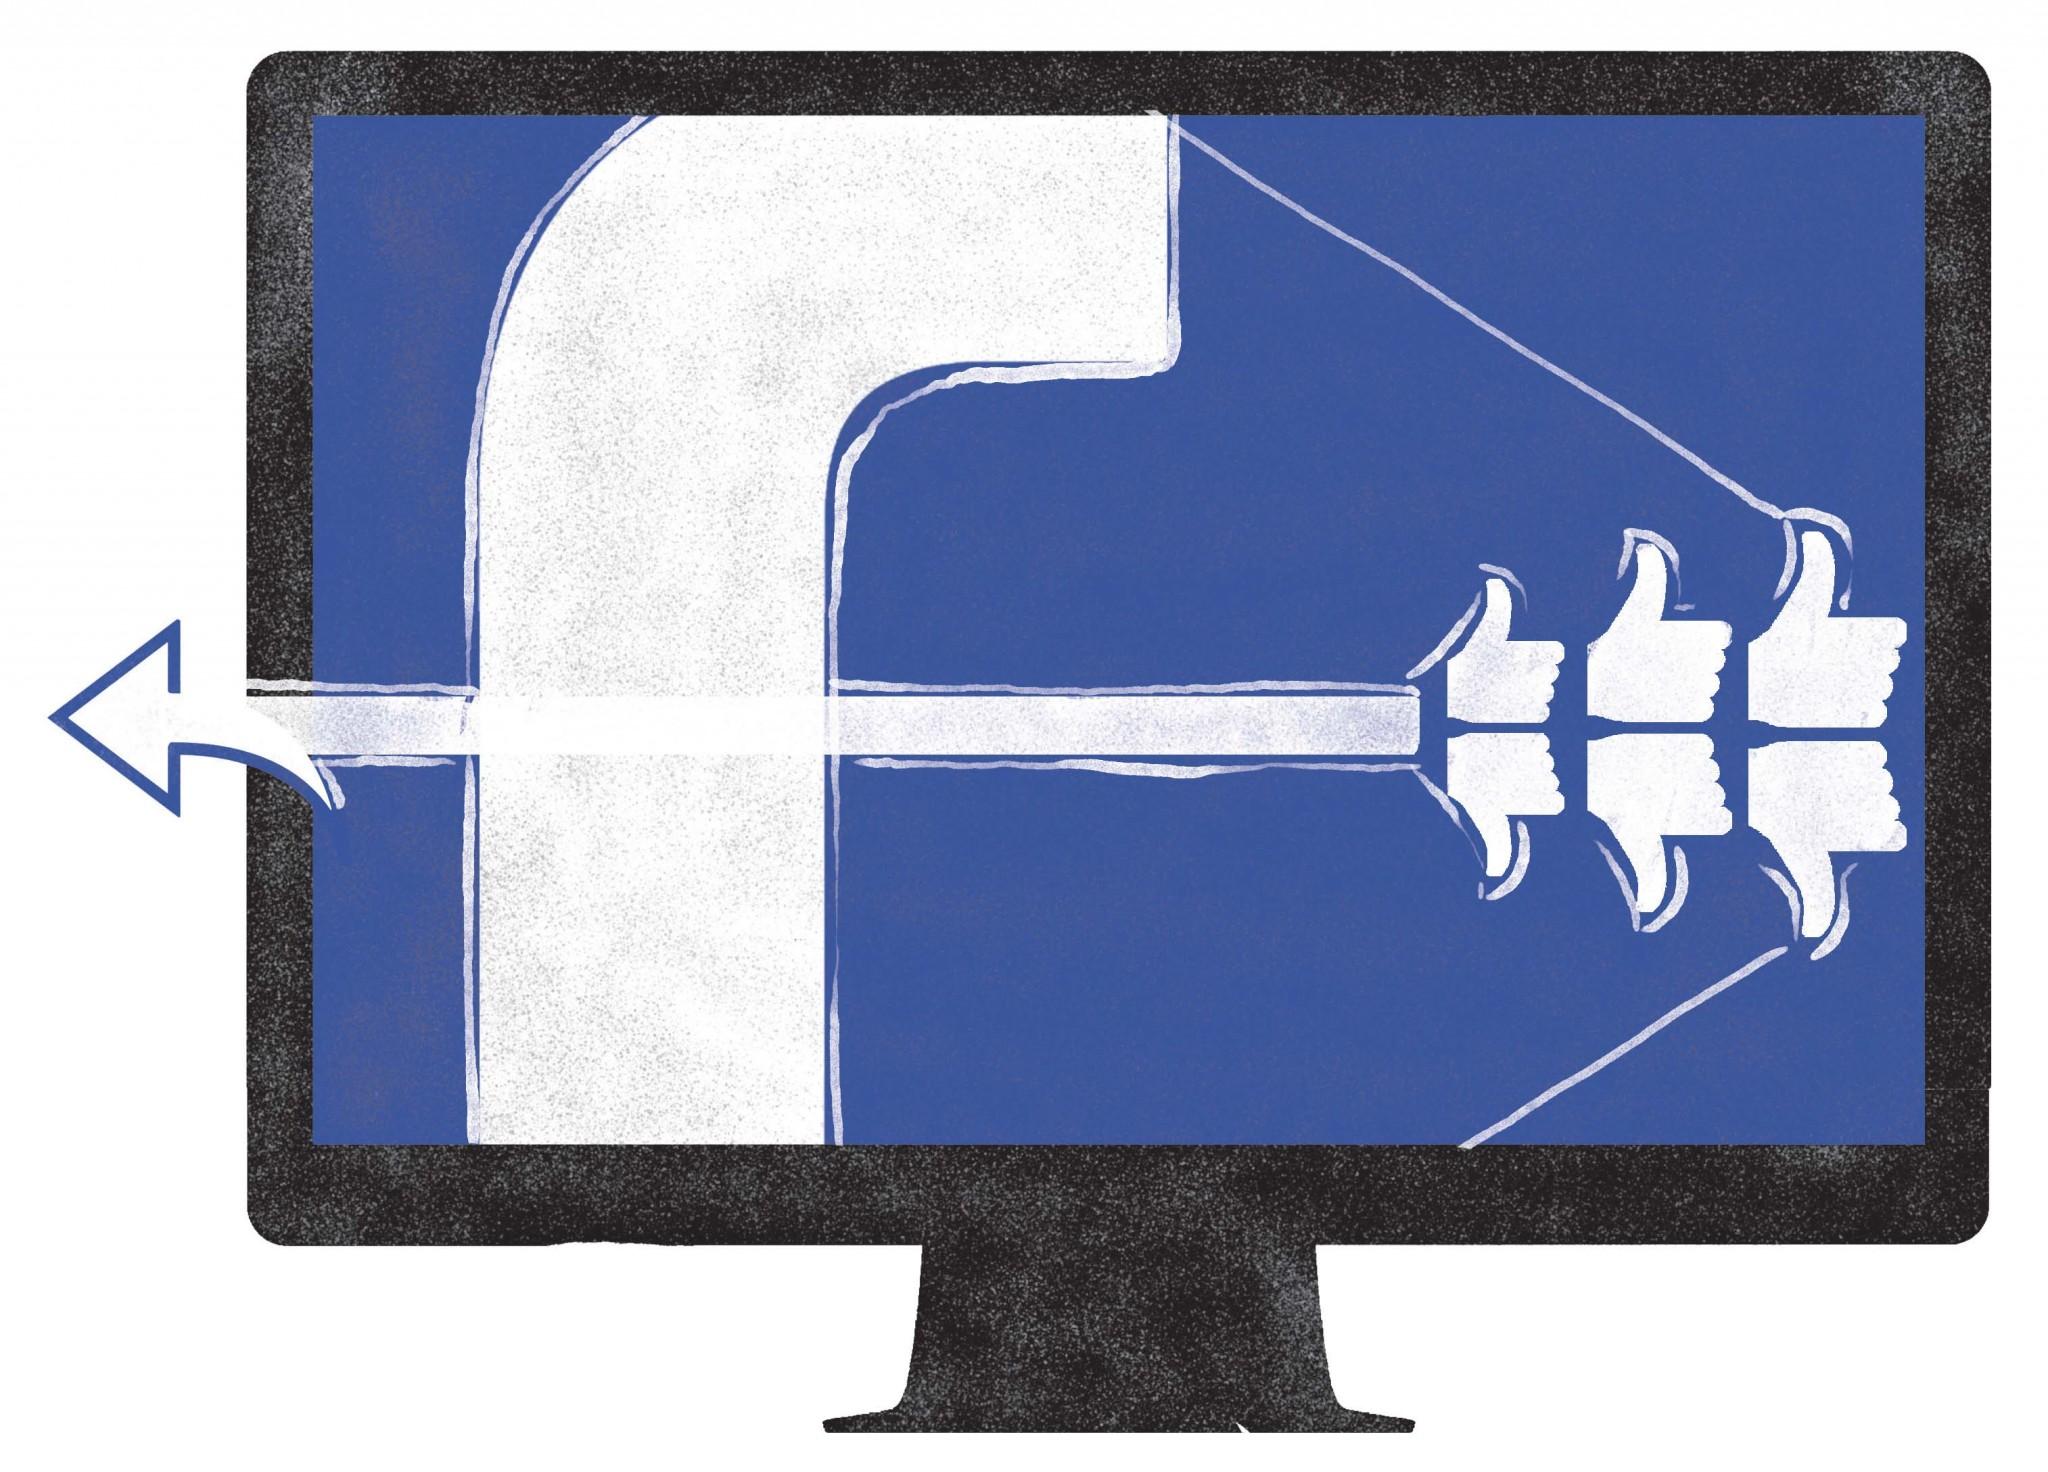 chia sẻ hình ảnh trên facebook